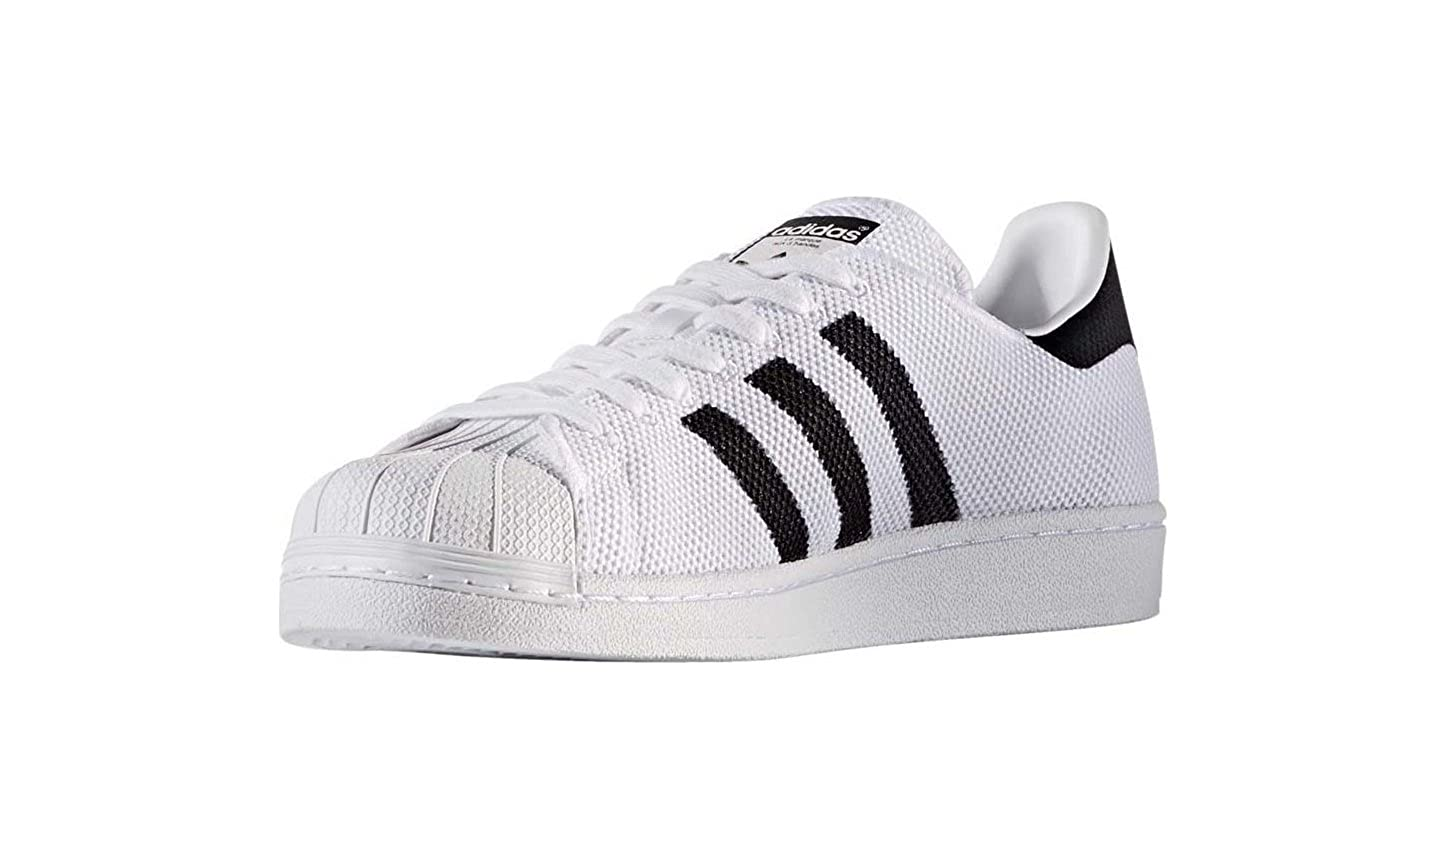 Herren Adidas Bb2236 2017 Schuhe Superstar Neu